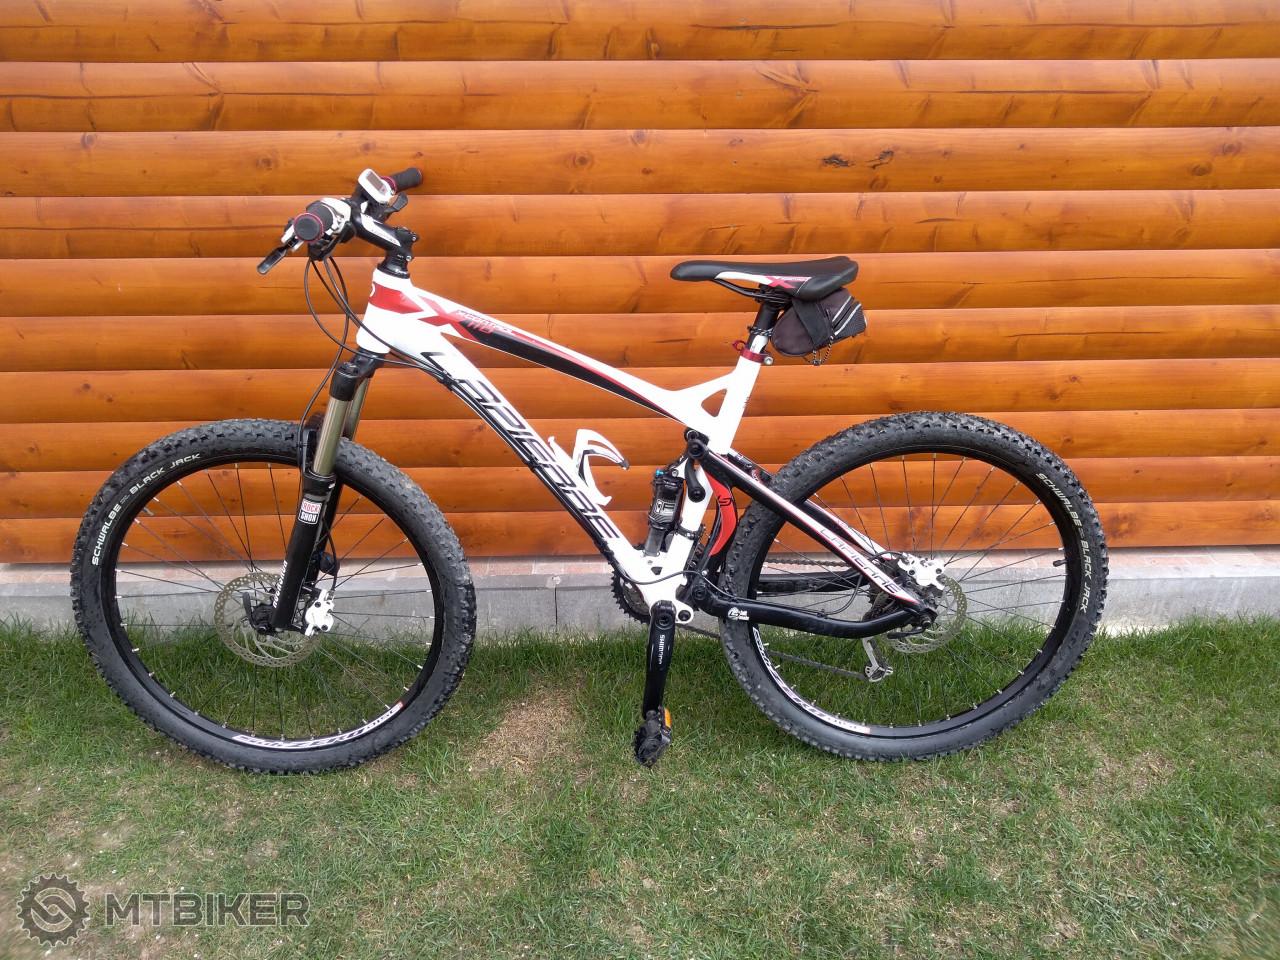 c8ec9403ad712 Celoodpružený Horský Bike V Top Stave - Bicykle - Celoodpružené - Bazár  MTBIKER